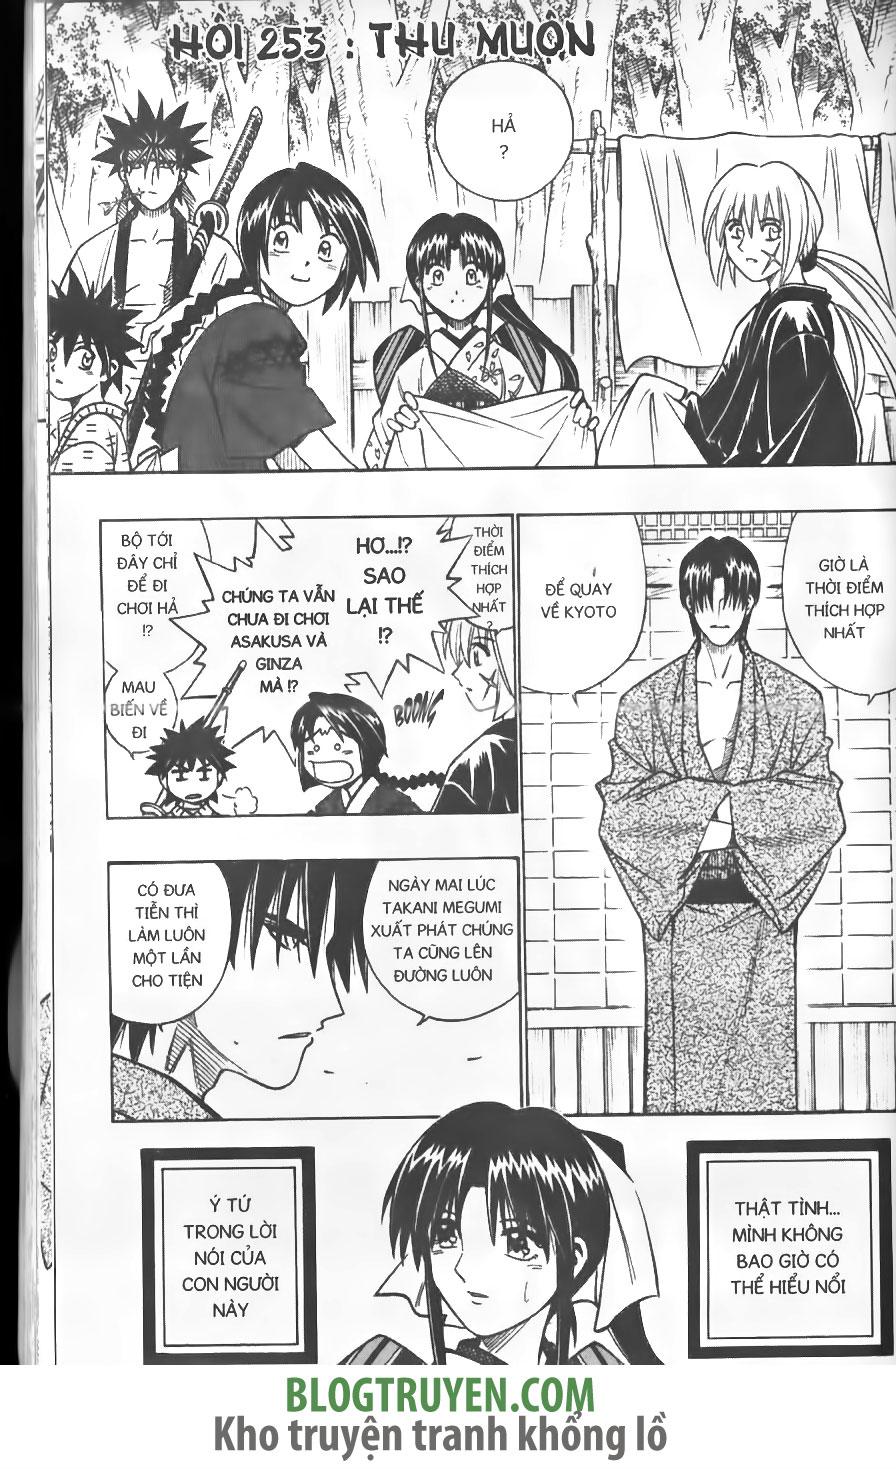 Rurouni Kenshin chap 253 trang 3